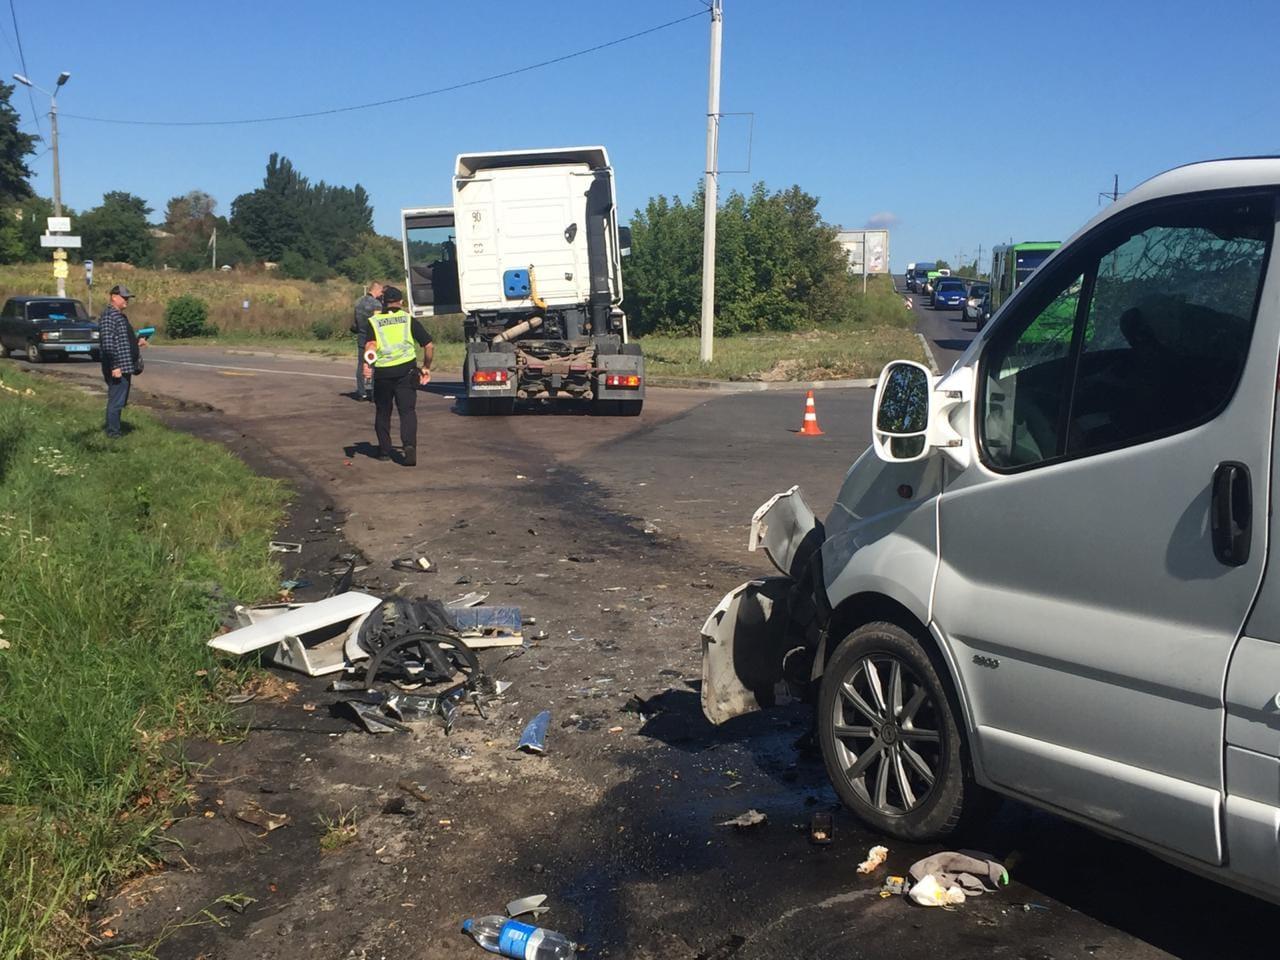 Аварія у Ворзелі: відкрили кримінальне провадження - Приірпіння, Поліція, київщина, Ірпінський відділ поліції, ДТП з потерпілим - Vorz DTP